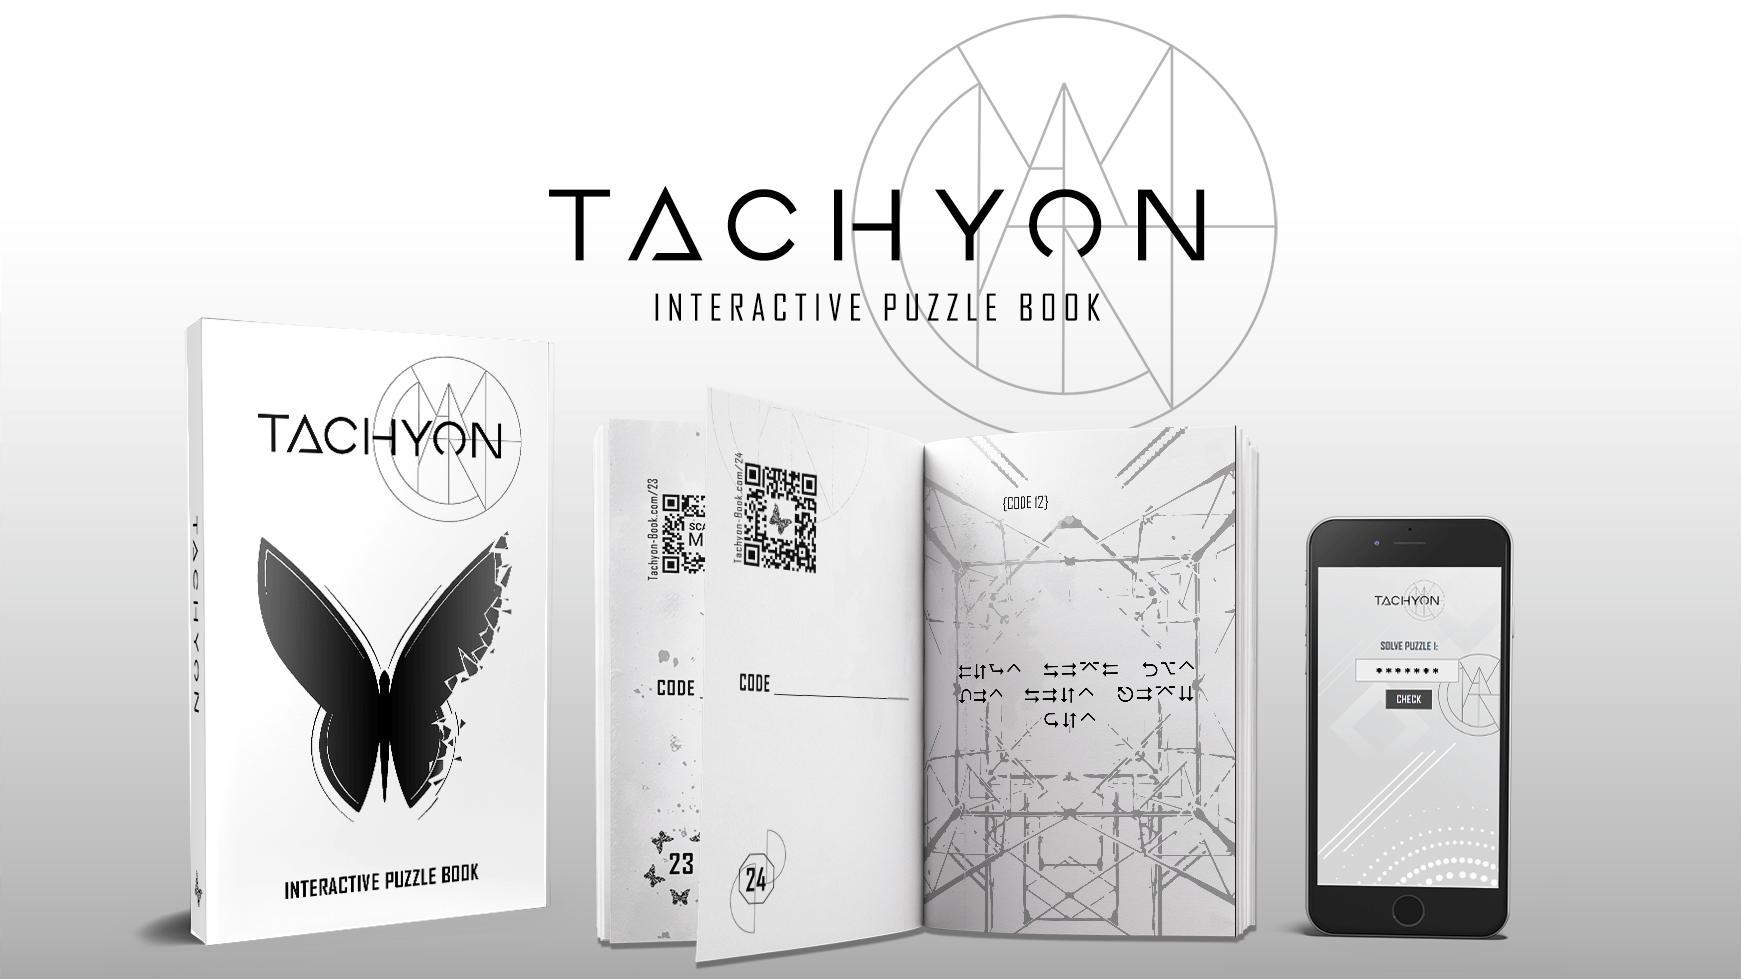 Tachyon Book, an interactive puzzle book